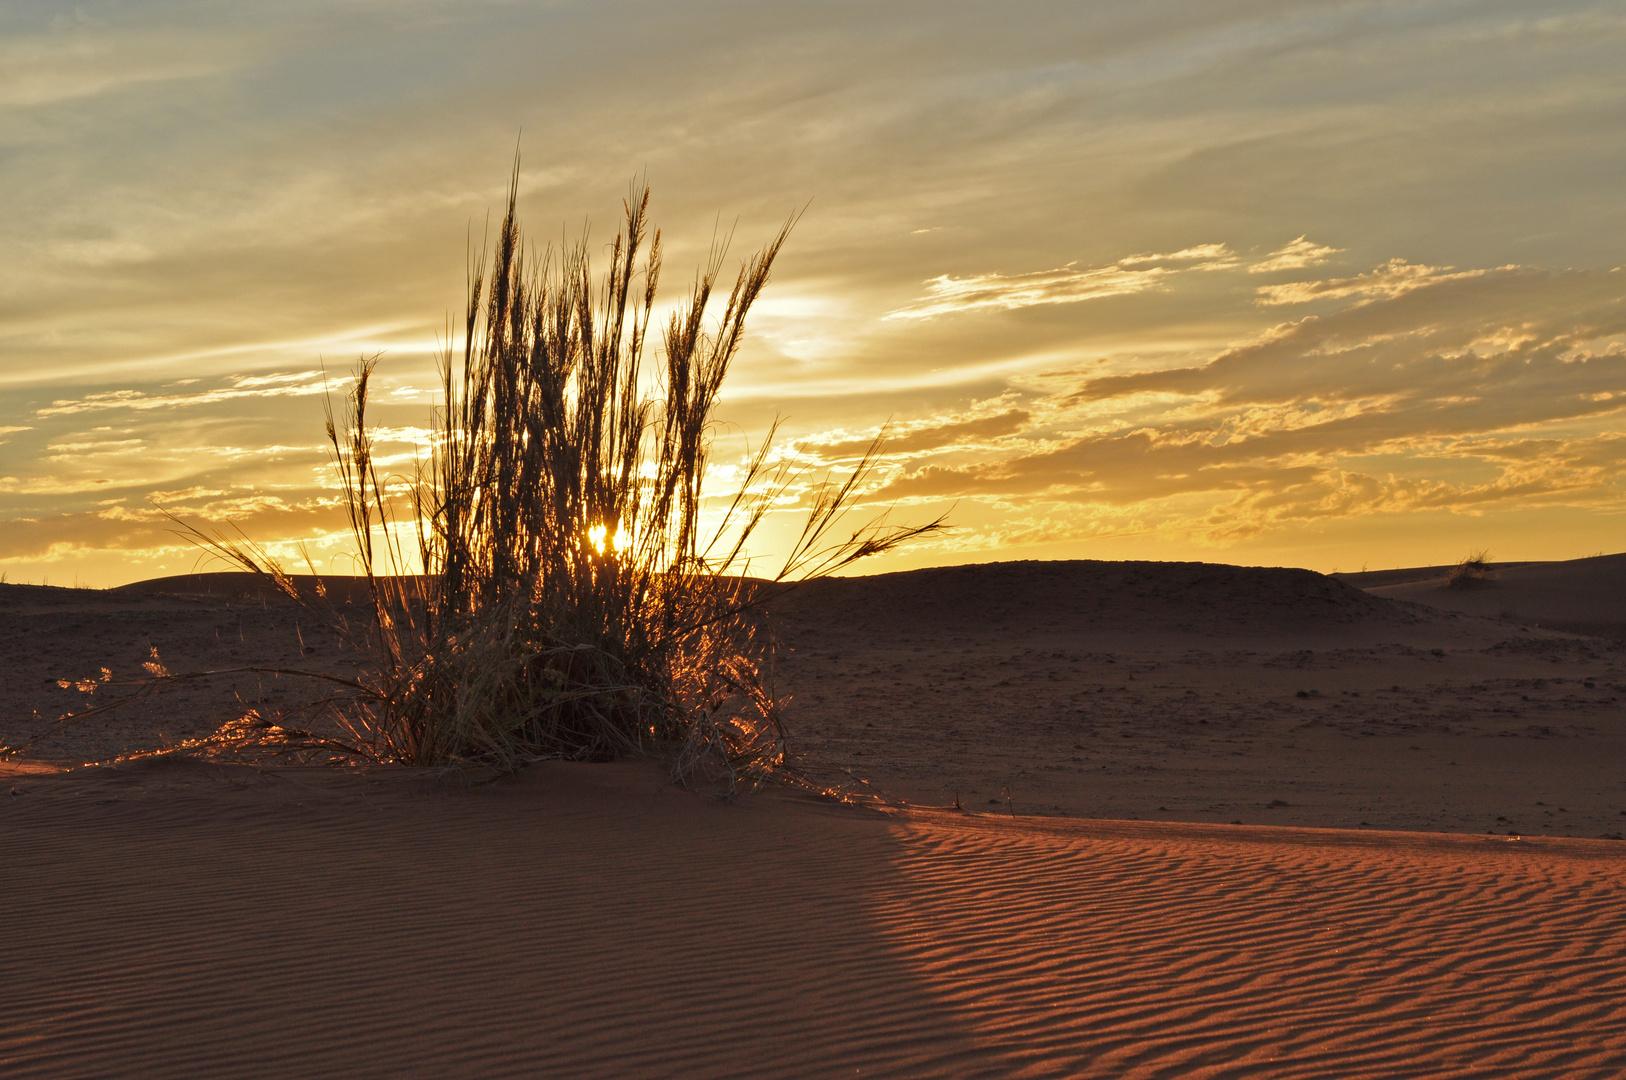 Messungen von IR Strahlung in der Namib (4)